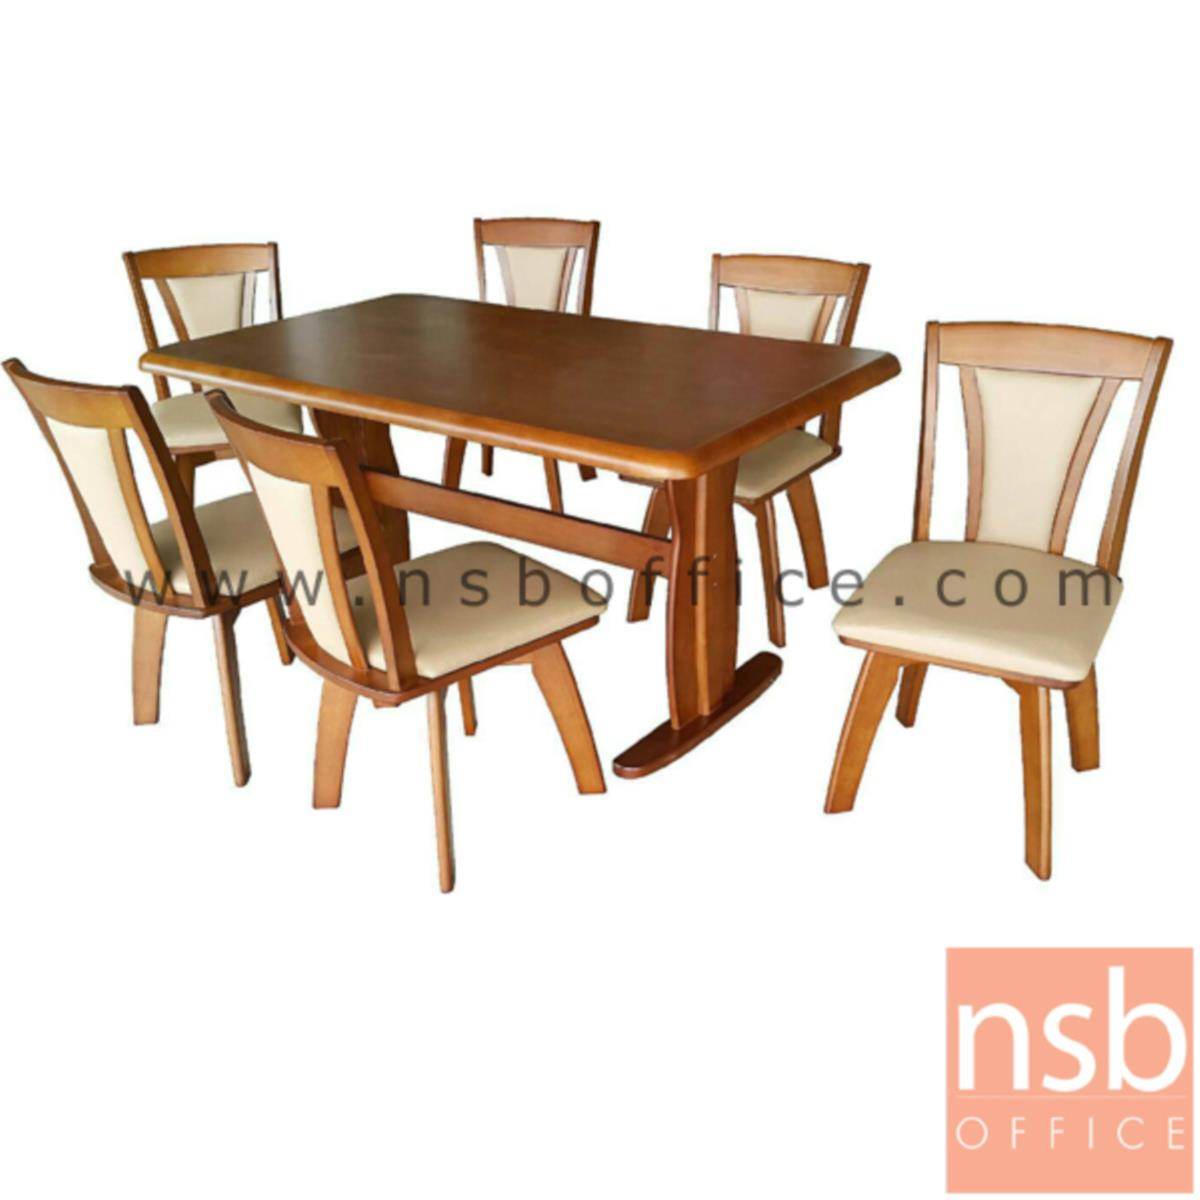 G14A106:ชุดโต๊ะรับประทานอาหาร ไม้ยางพารา 6 ที่นั่ง